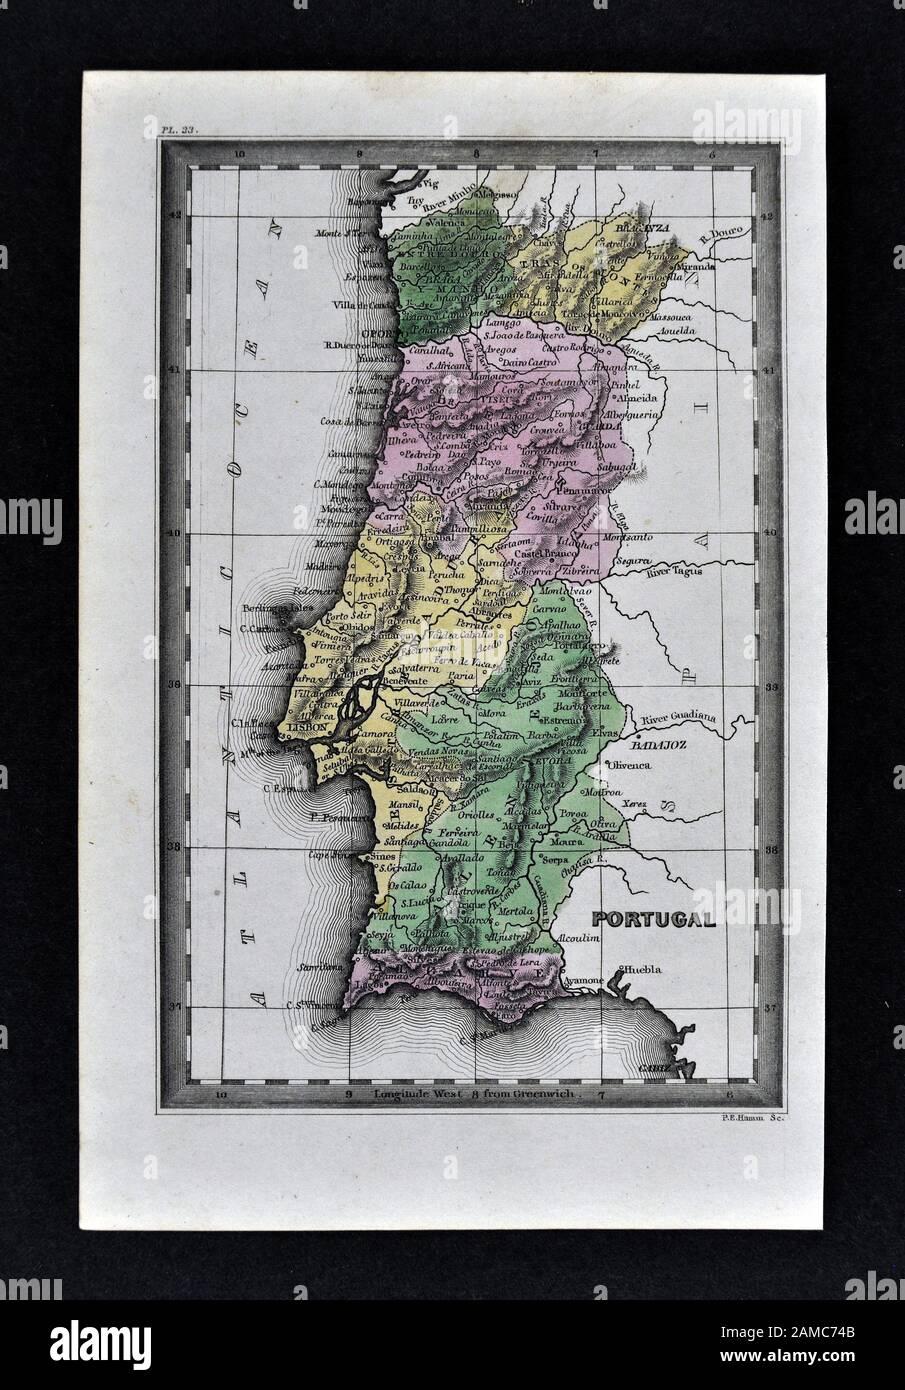 1834 Carey Mapa De Portugal Lisboa Porto Algarve Braga Foto